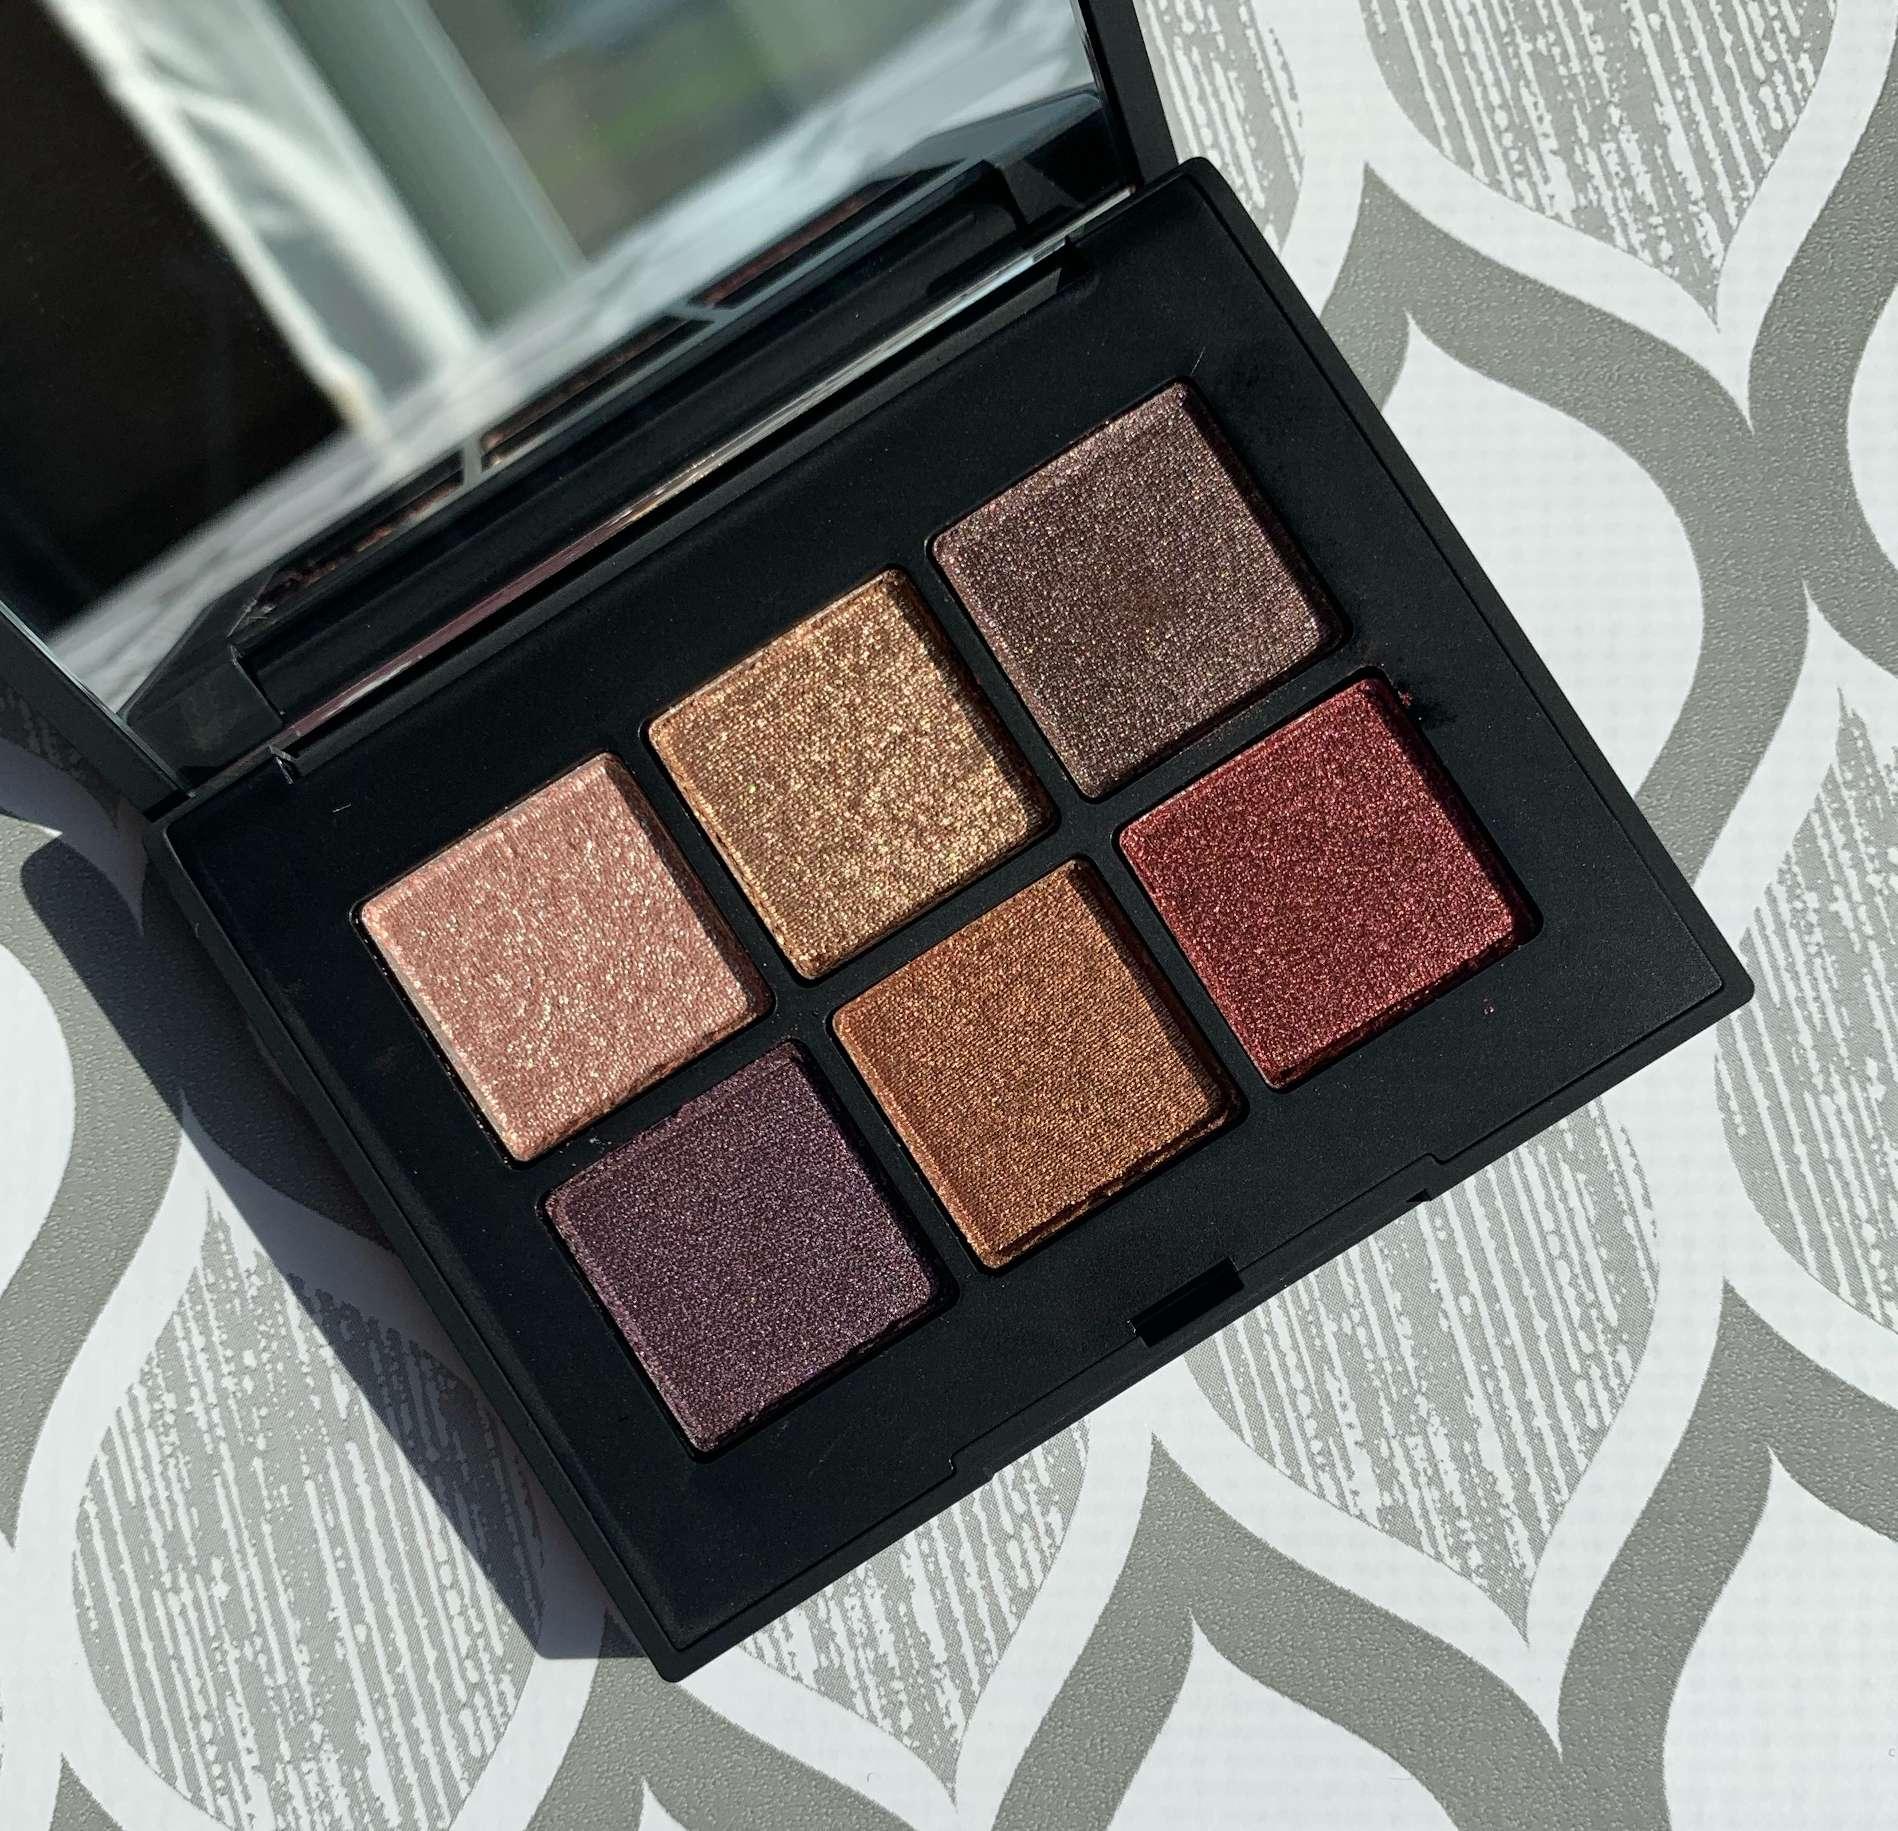 NARS Voyageur Eyeshadow Palette in Quartz (Sephora Exclusive) Swatches on Medium Dark Skin